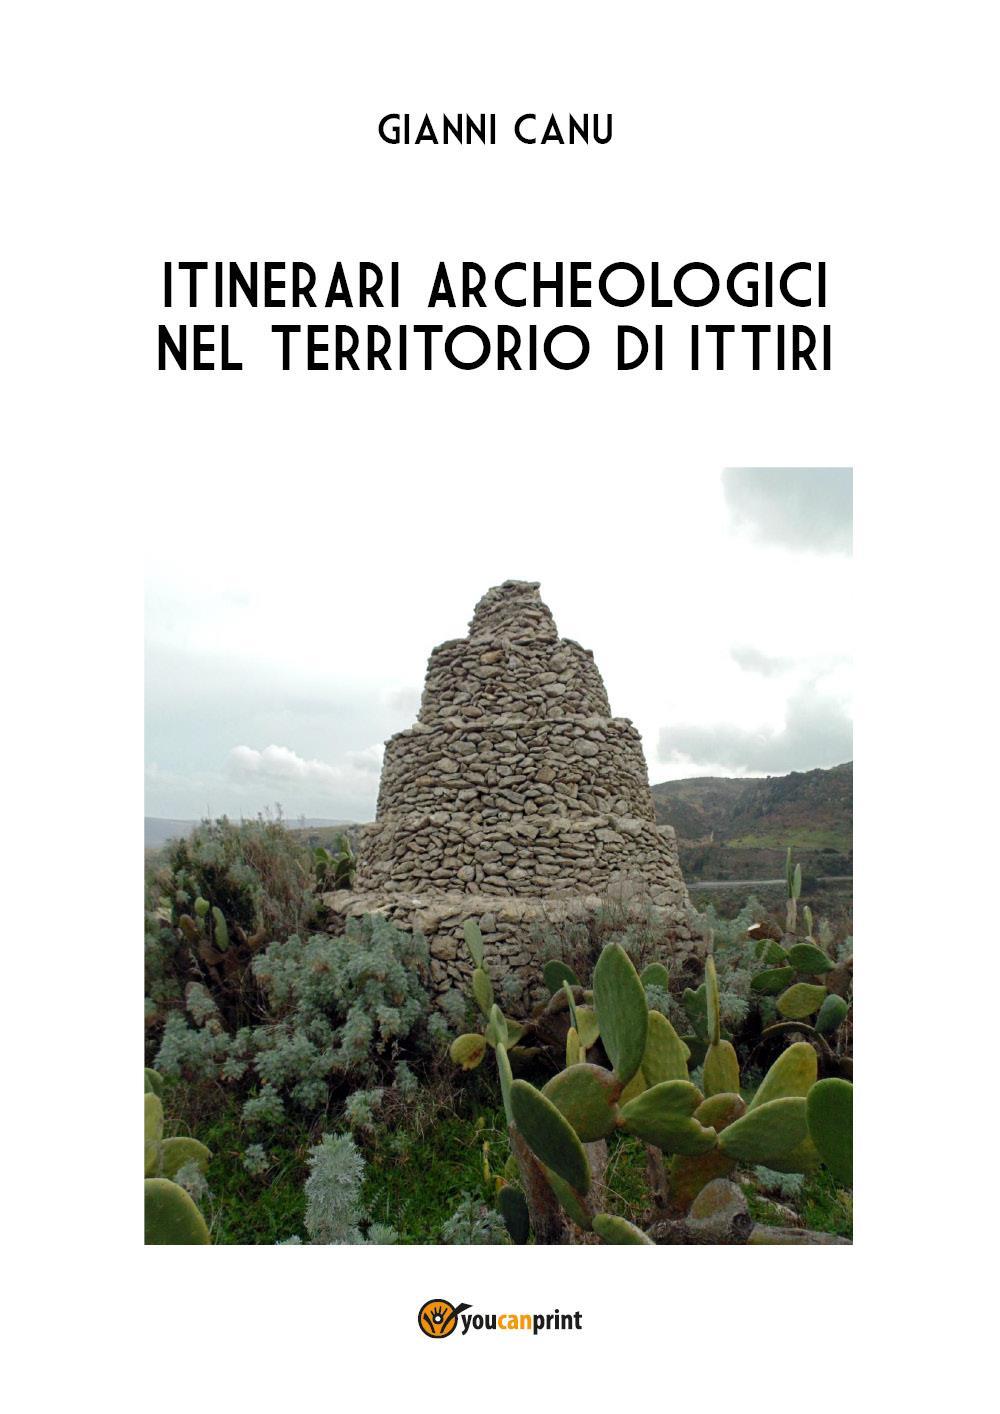 Itinerari archeologici nel territorio di Ittiri